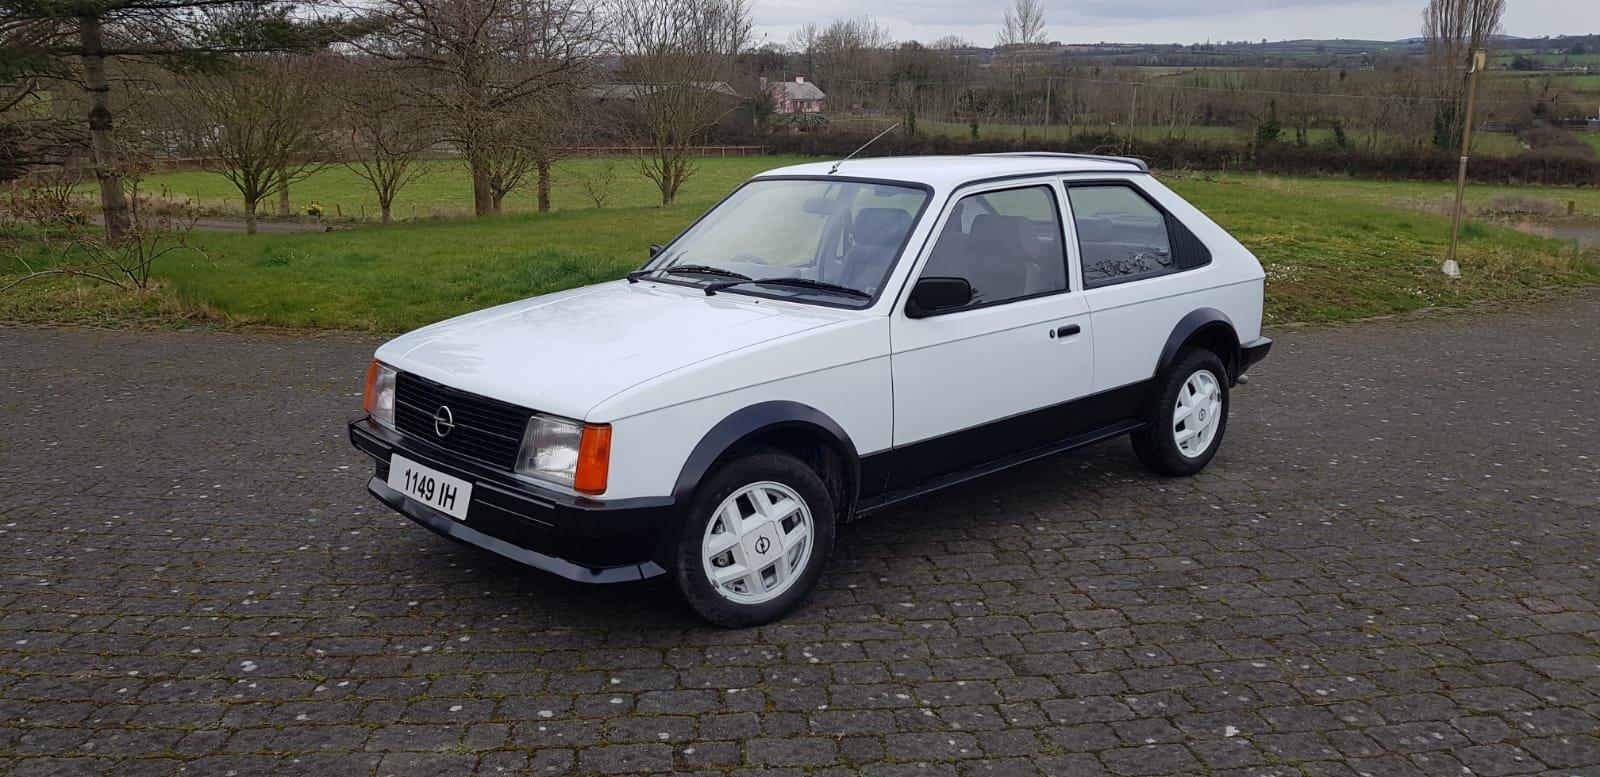 1982 Opel Kadett 1.6SR (Rare 2 door model) For Sale (picture 1 of 6)